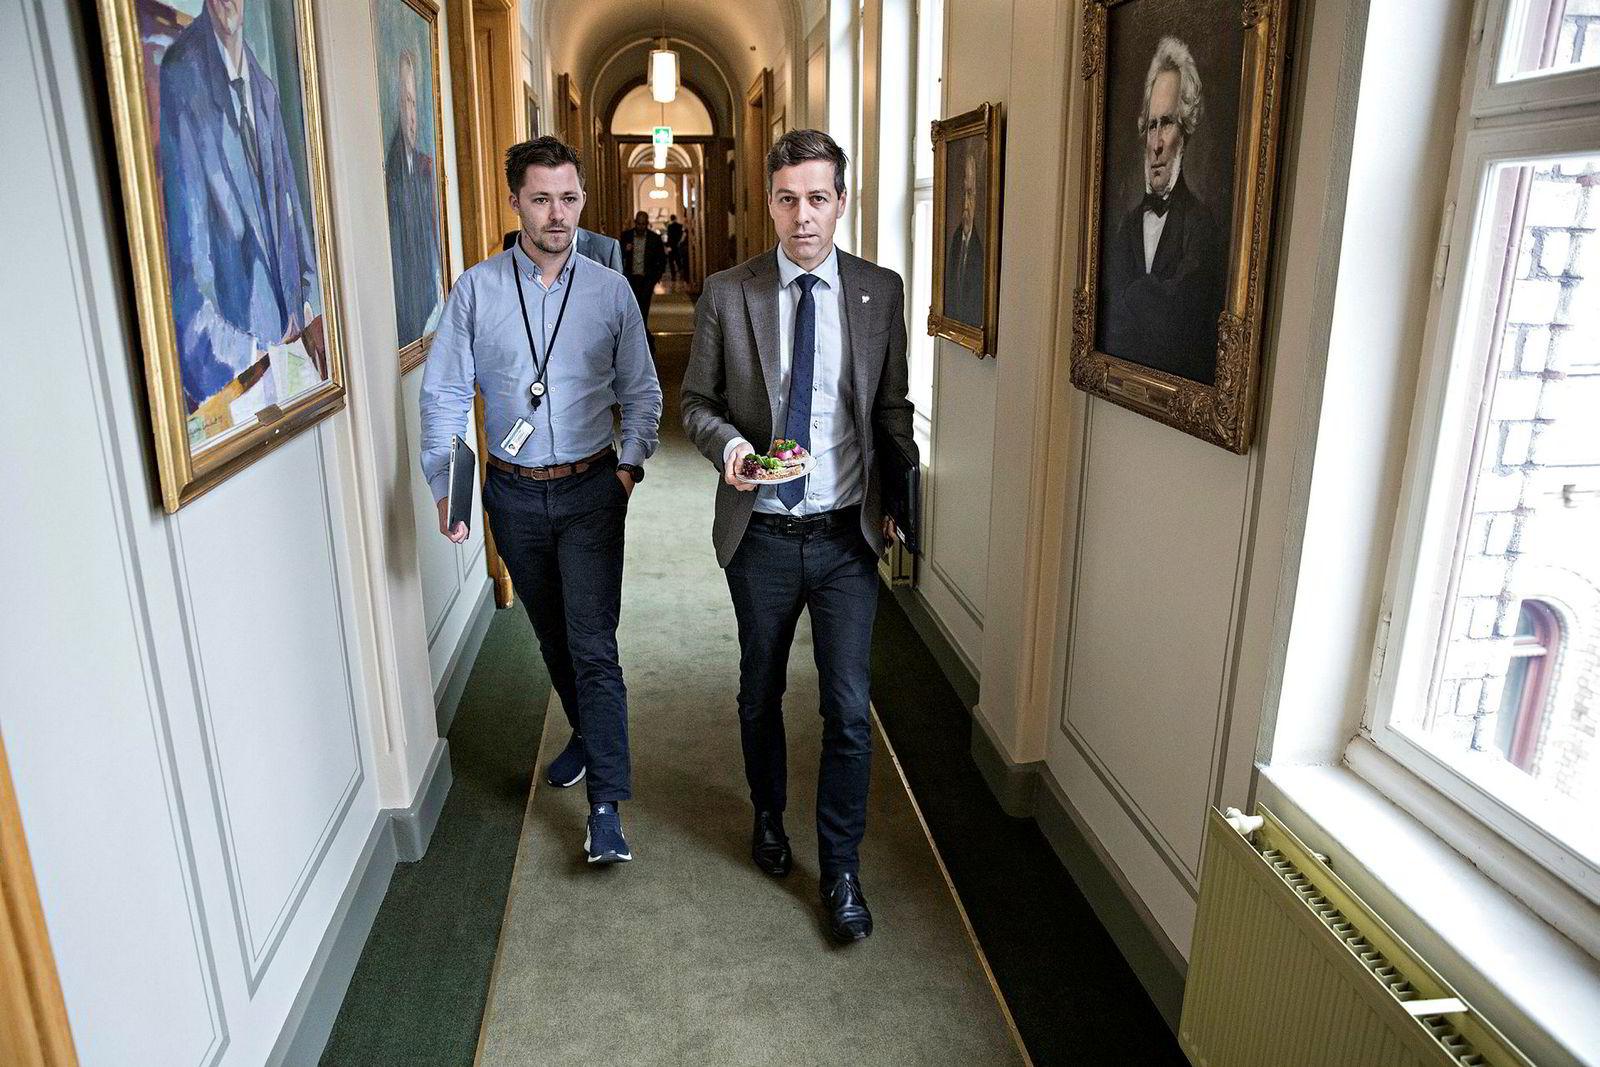 Emil André Erstad (til venstre) er KrF-leder Knut Arild Hareides personlige rådgiver. Her er de på Stortinget under regjeringsforhandlingene i fjor høst.